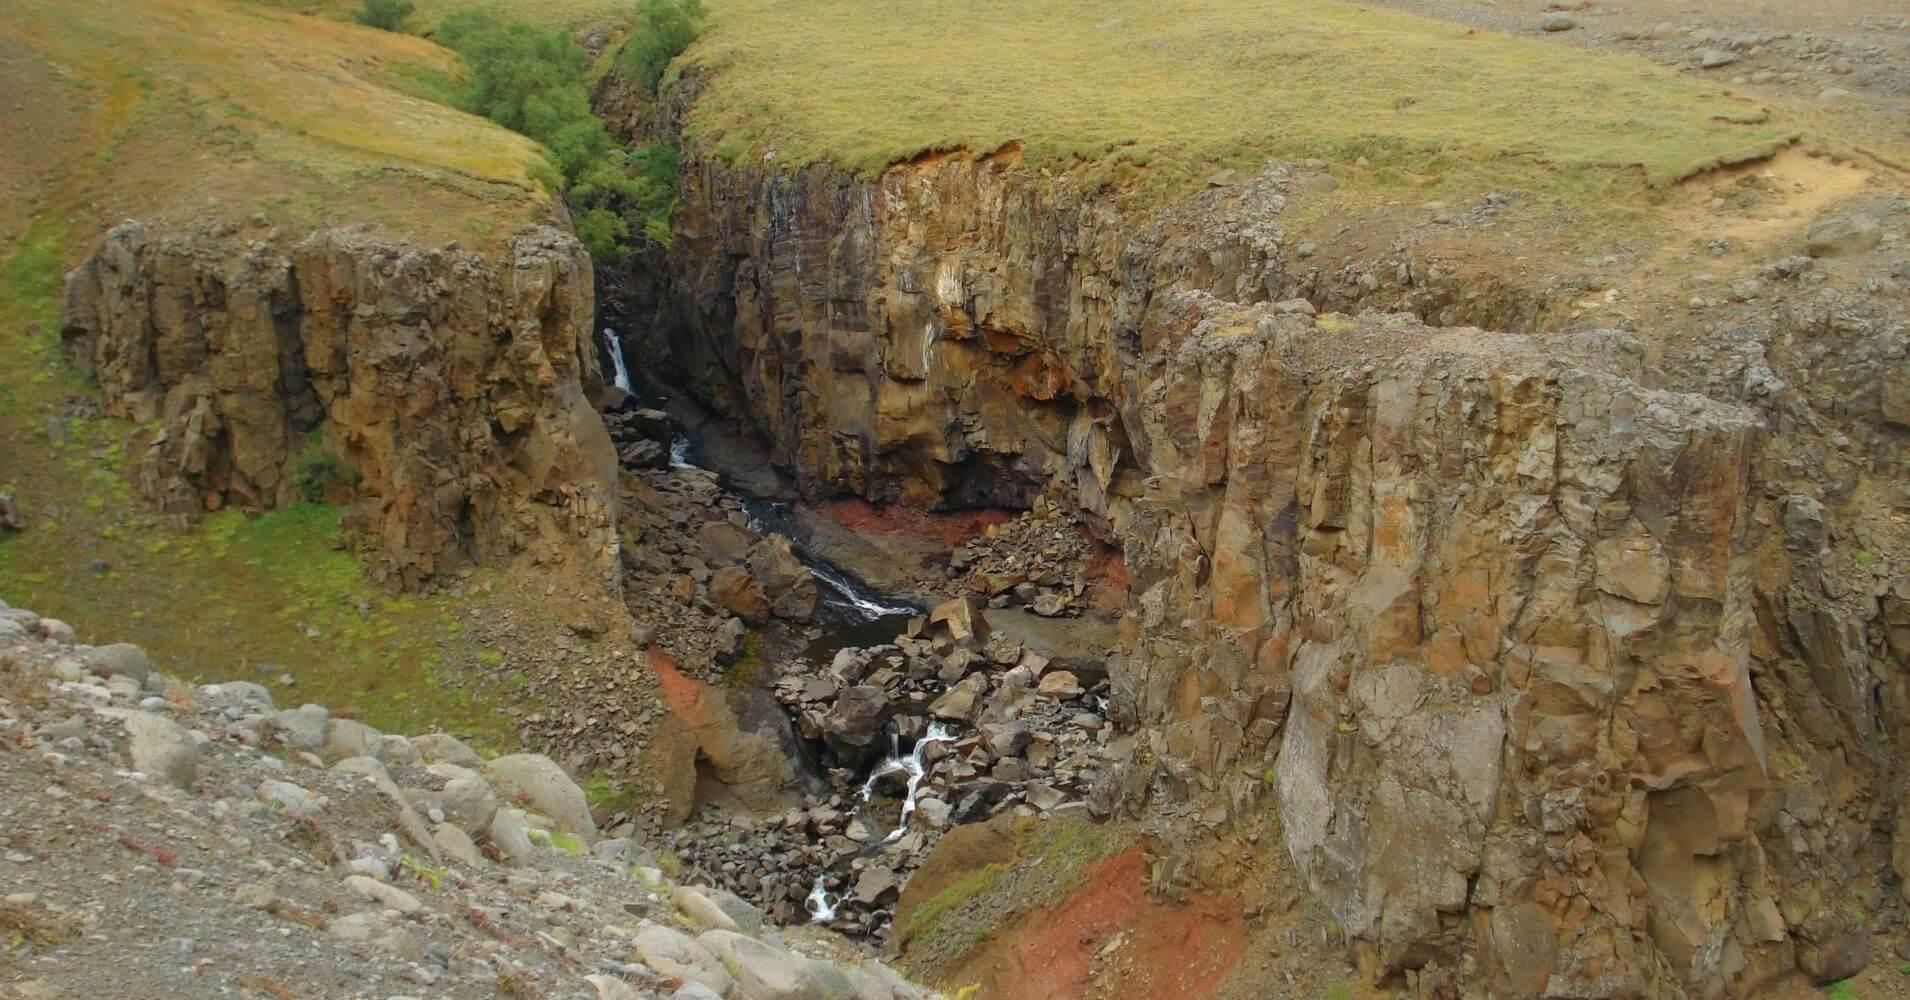 Ruta de Senderismo Hallormsstadur Este de Islandia.